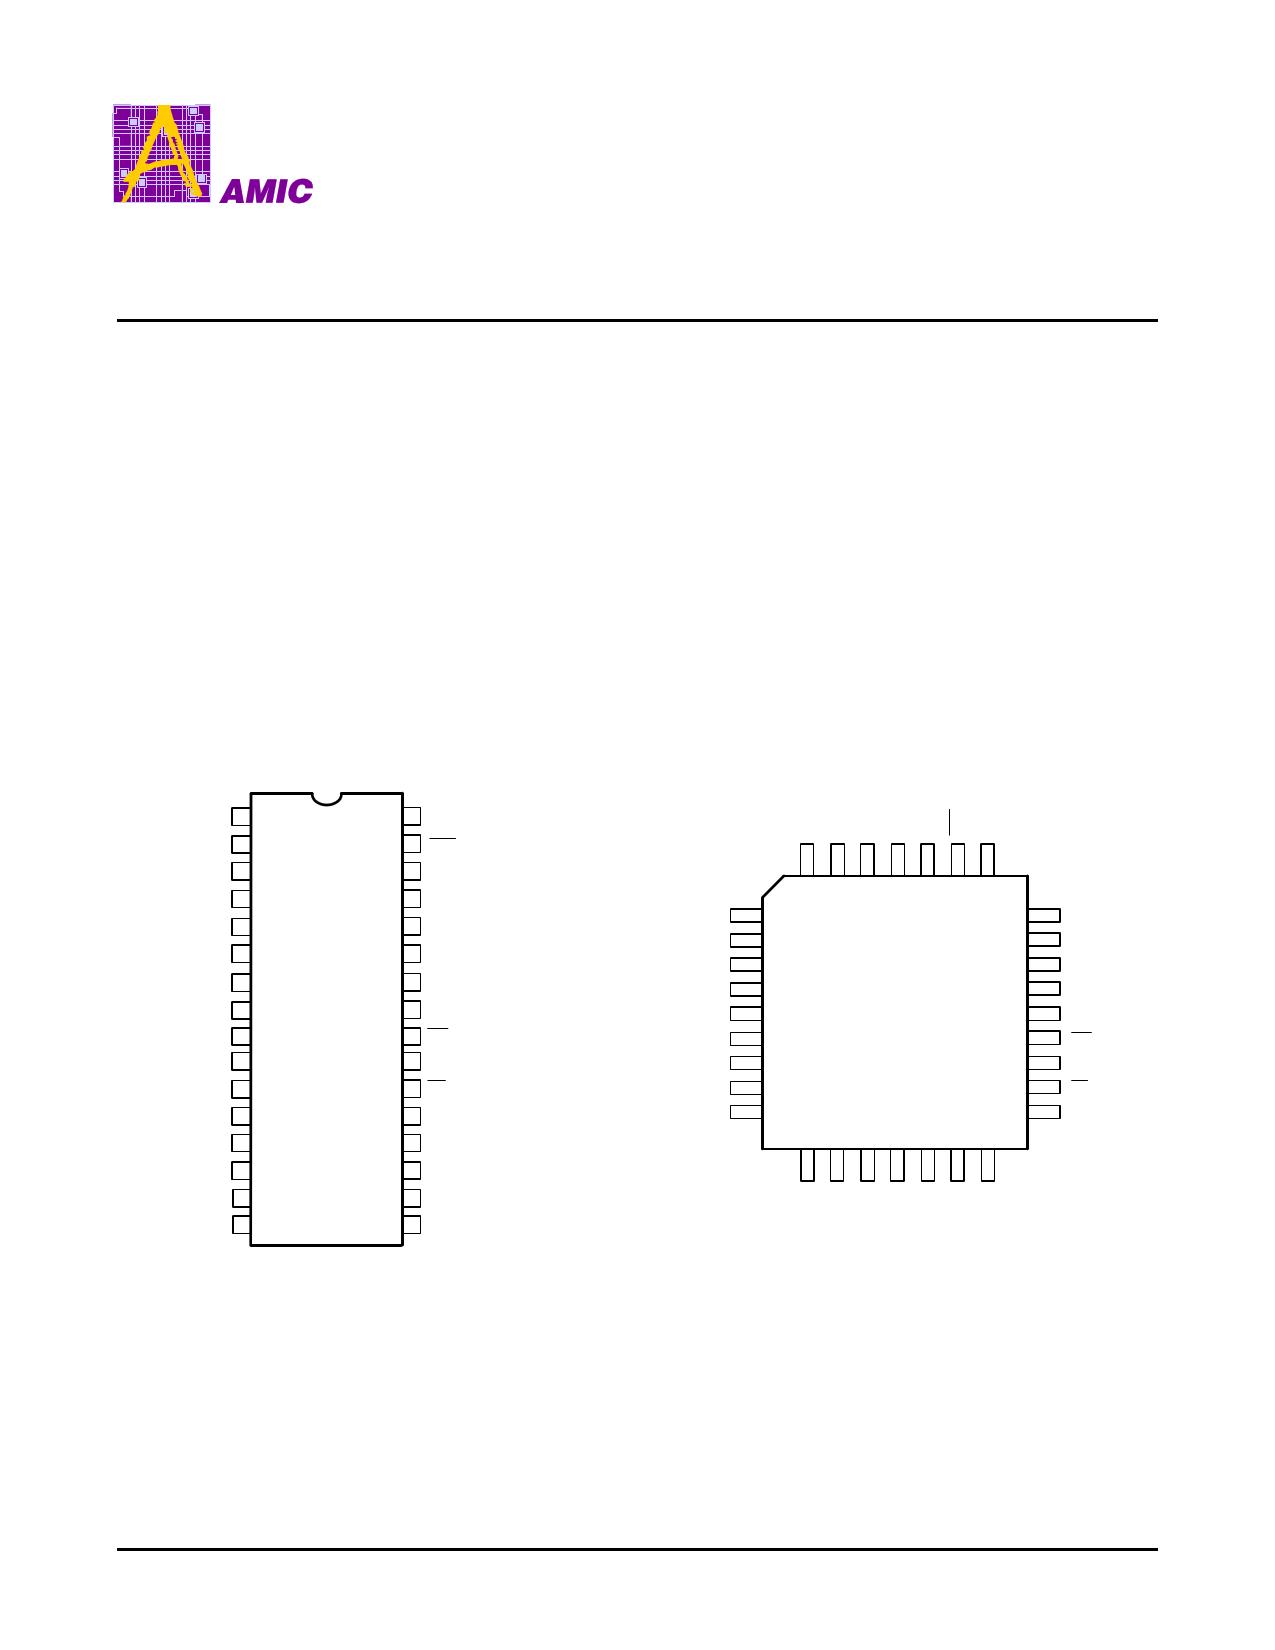 A27020 pdf, schematic